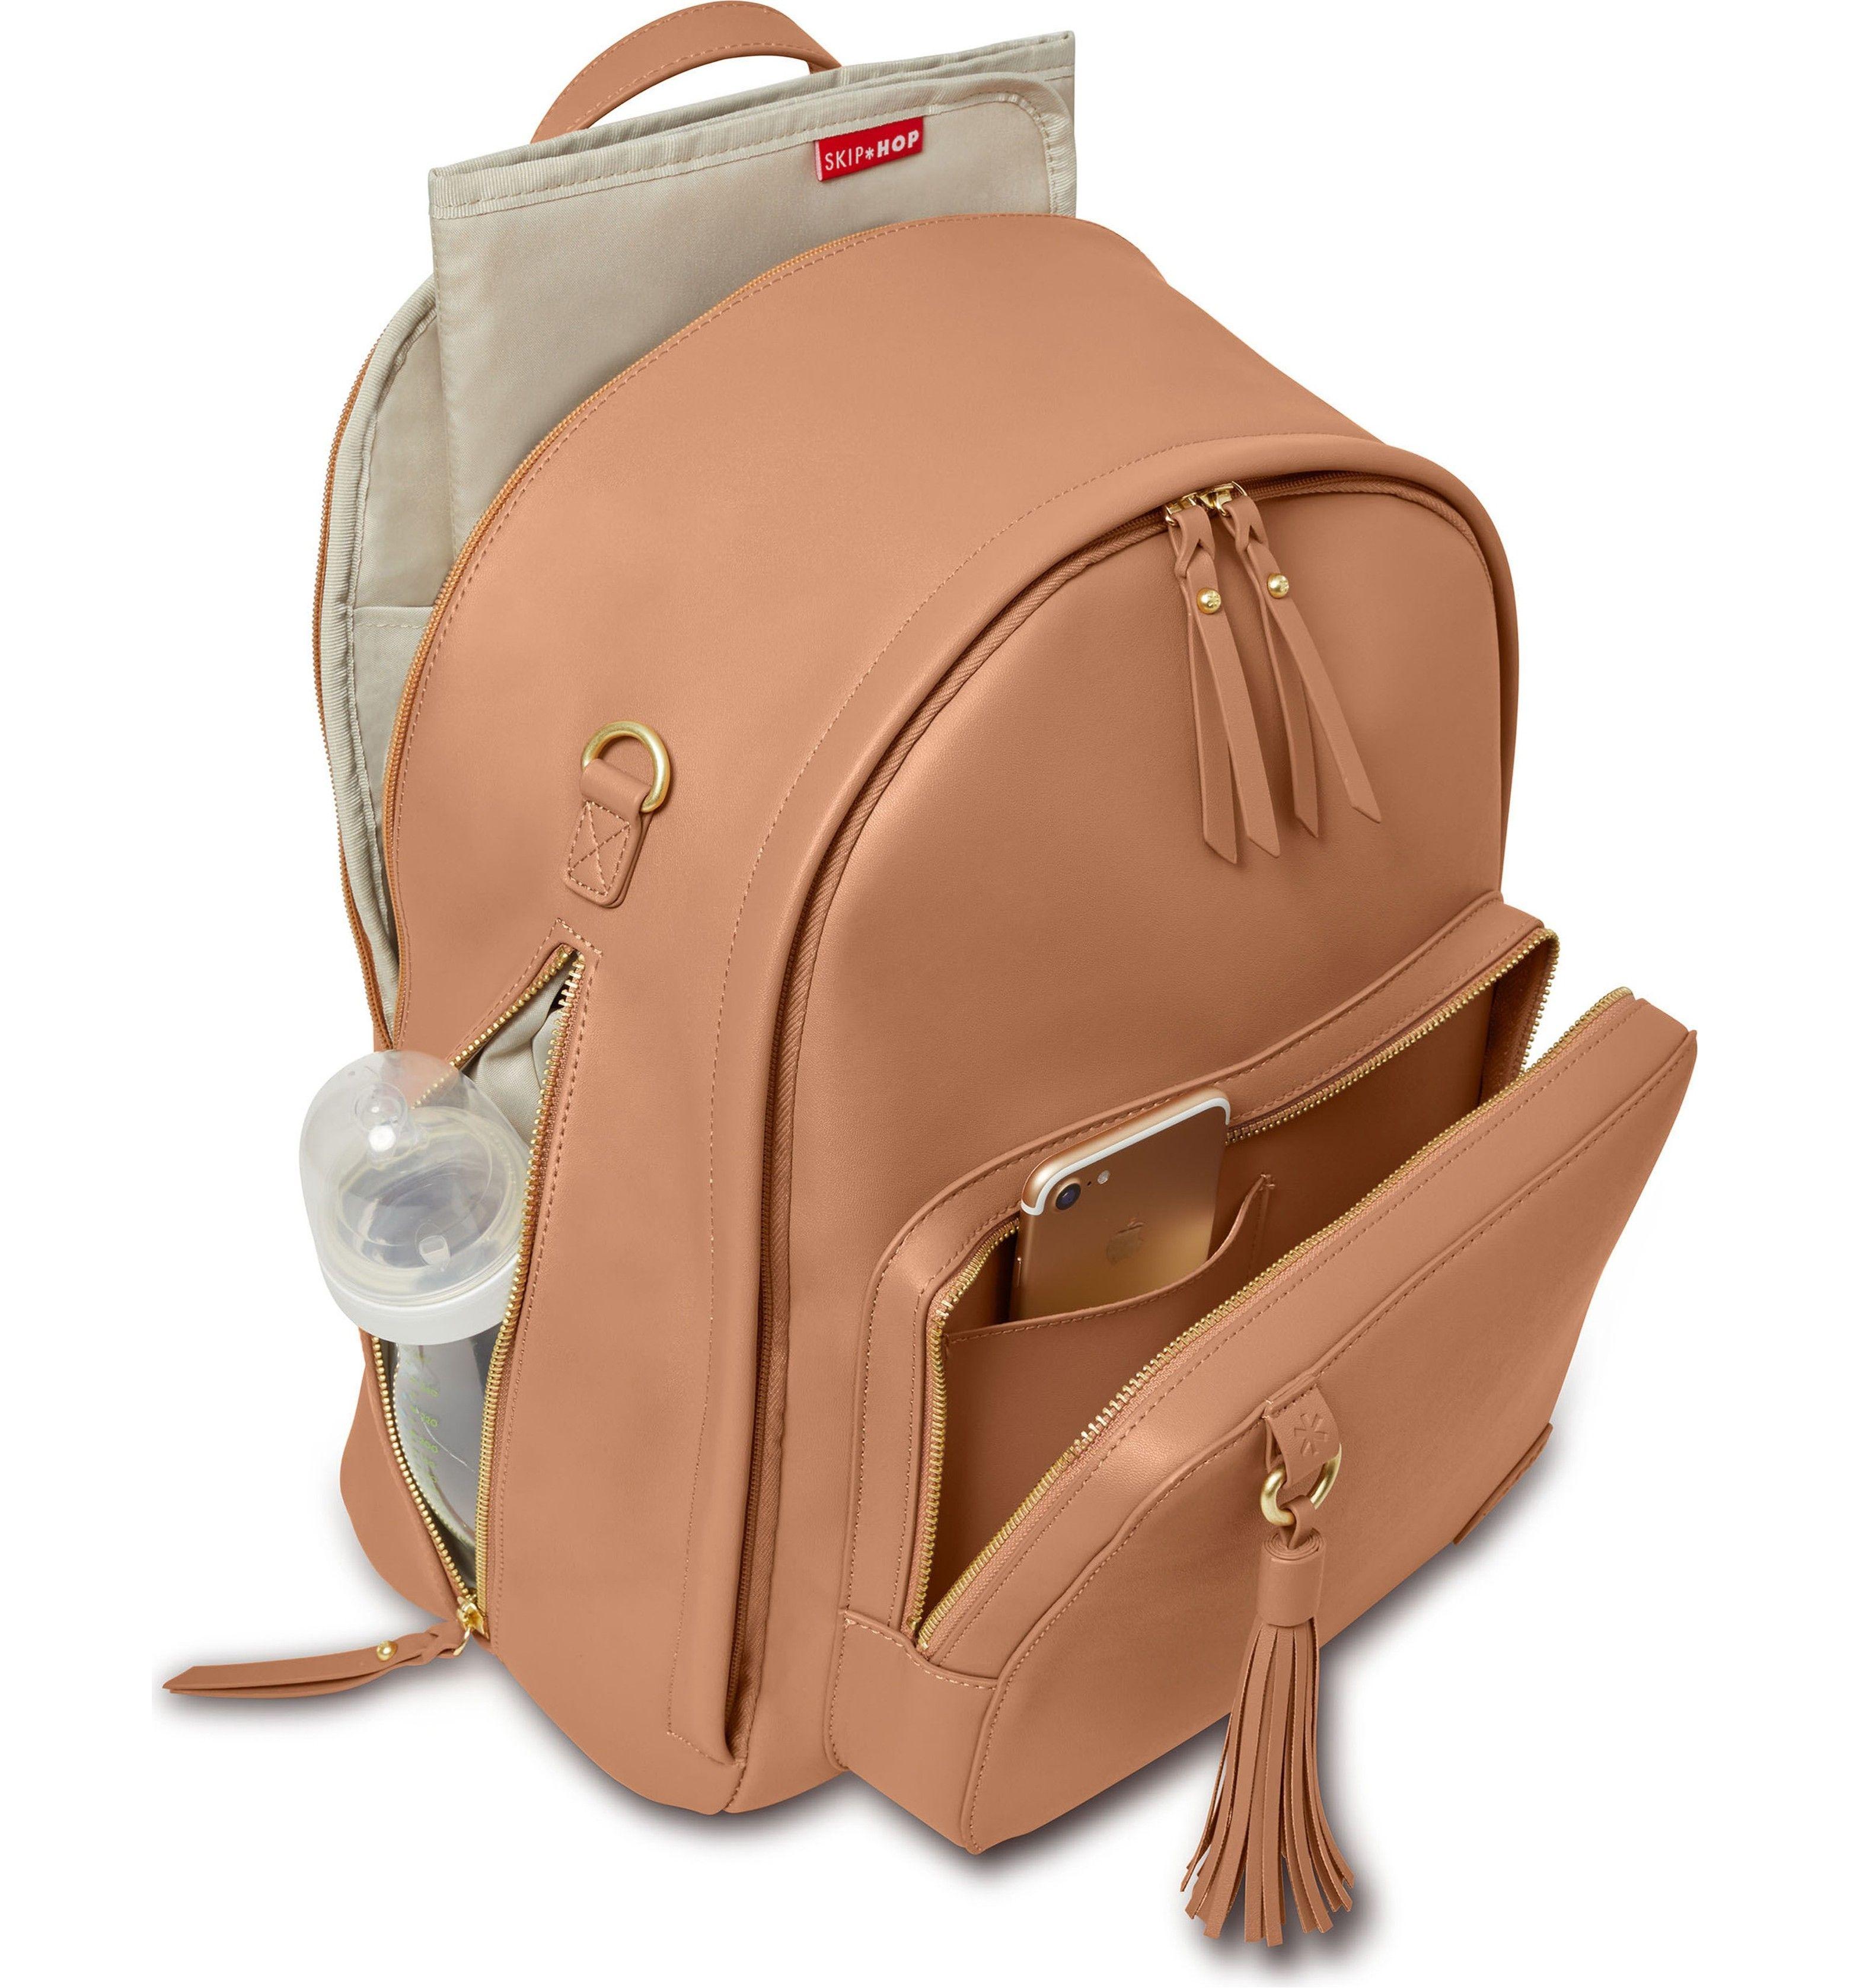 Skip Hop Greenwich Simply Chic Diaper Backpack Com Imagens Bolsas Mochila Bolsas Bolsa Nova